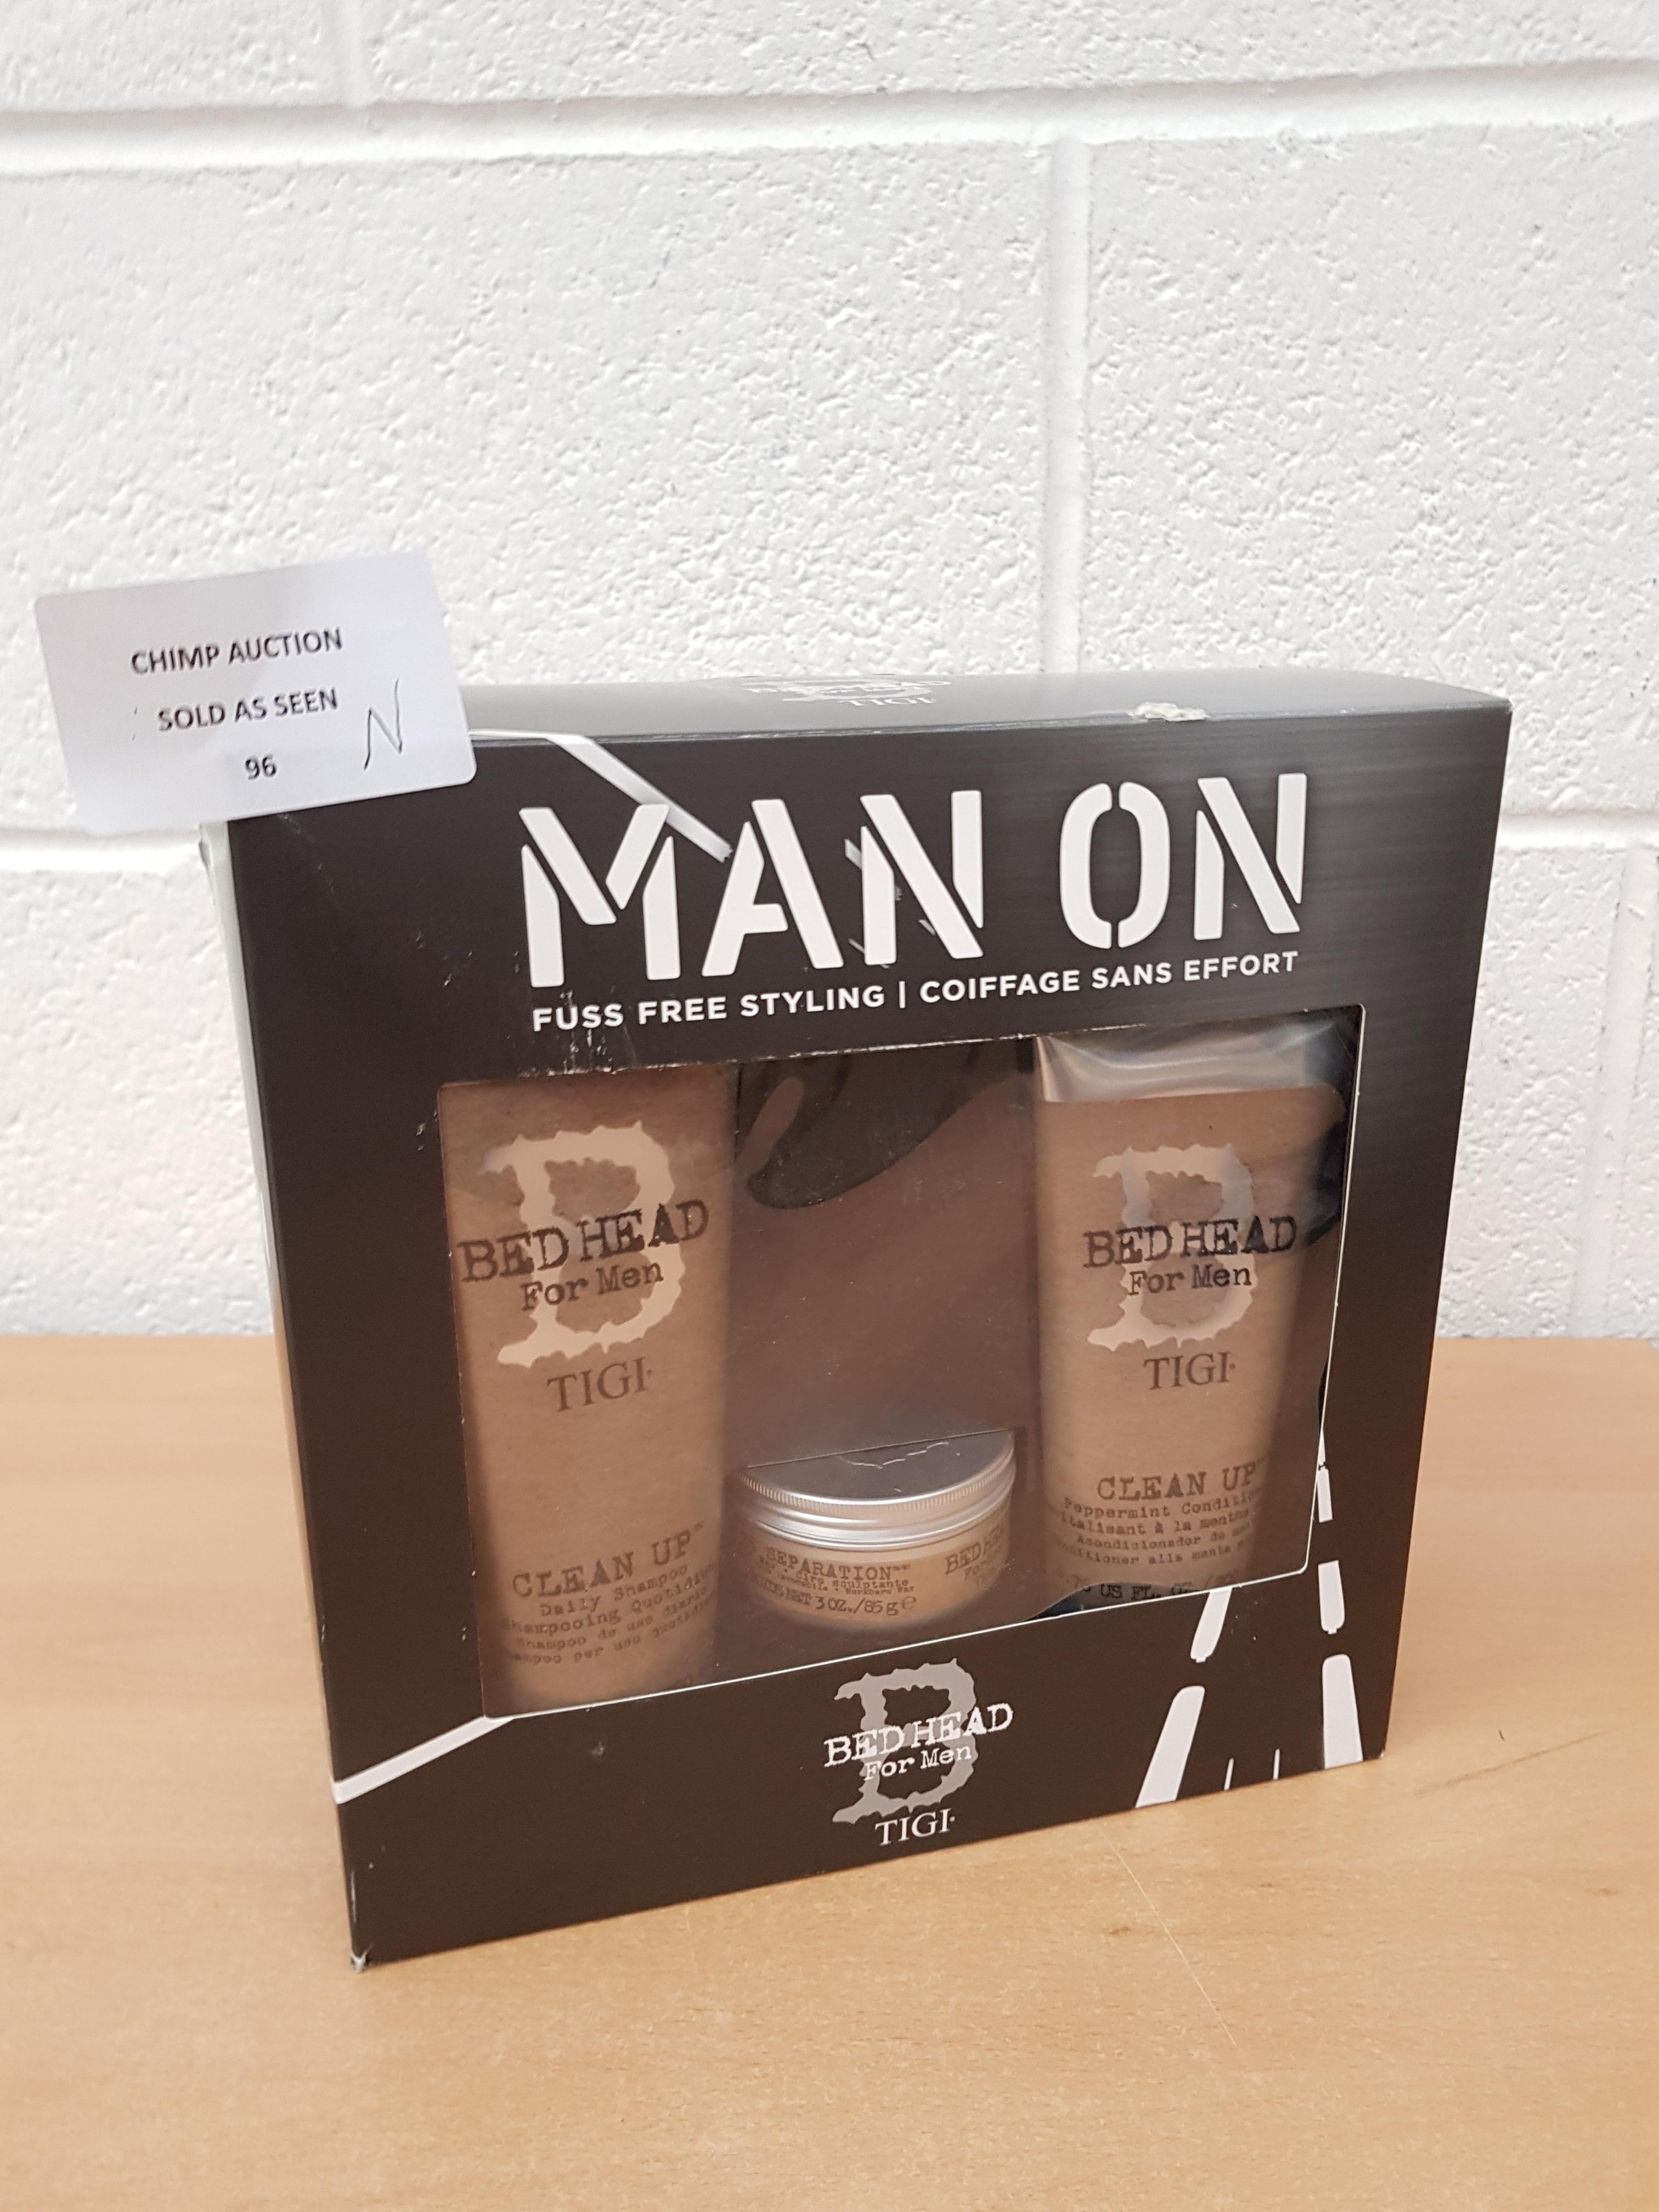 Lot 96 - Brand new Tigi Bed Head Men's Gift Pack